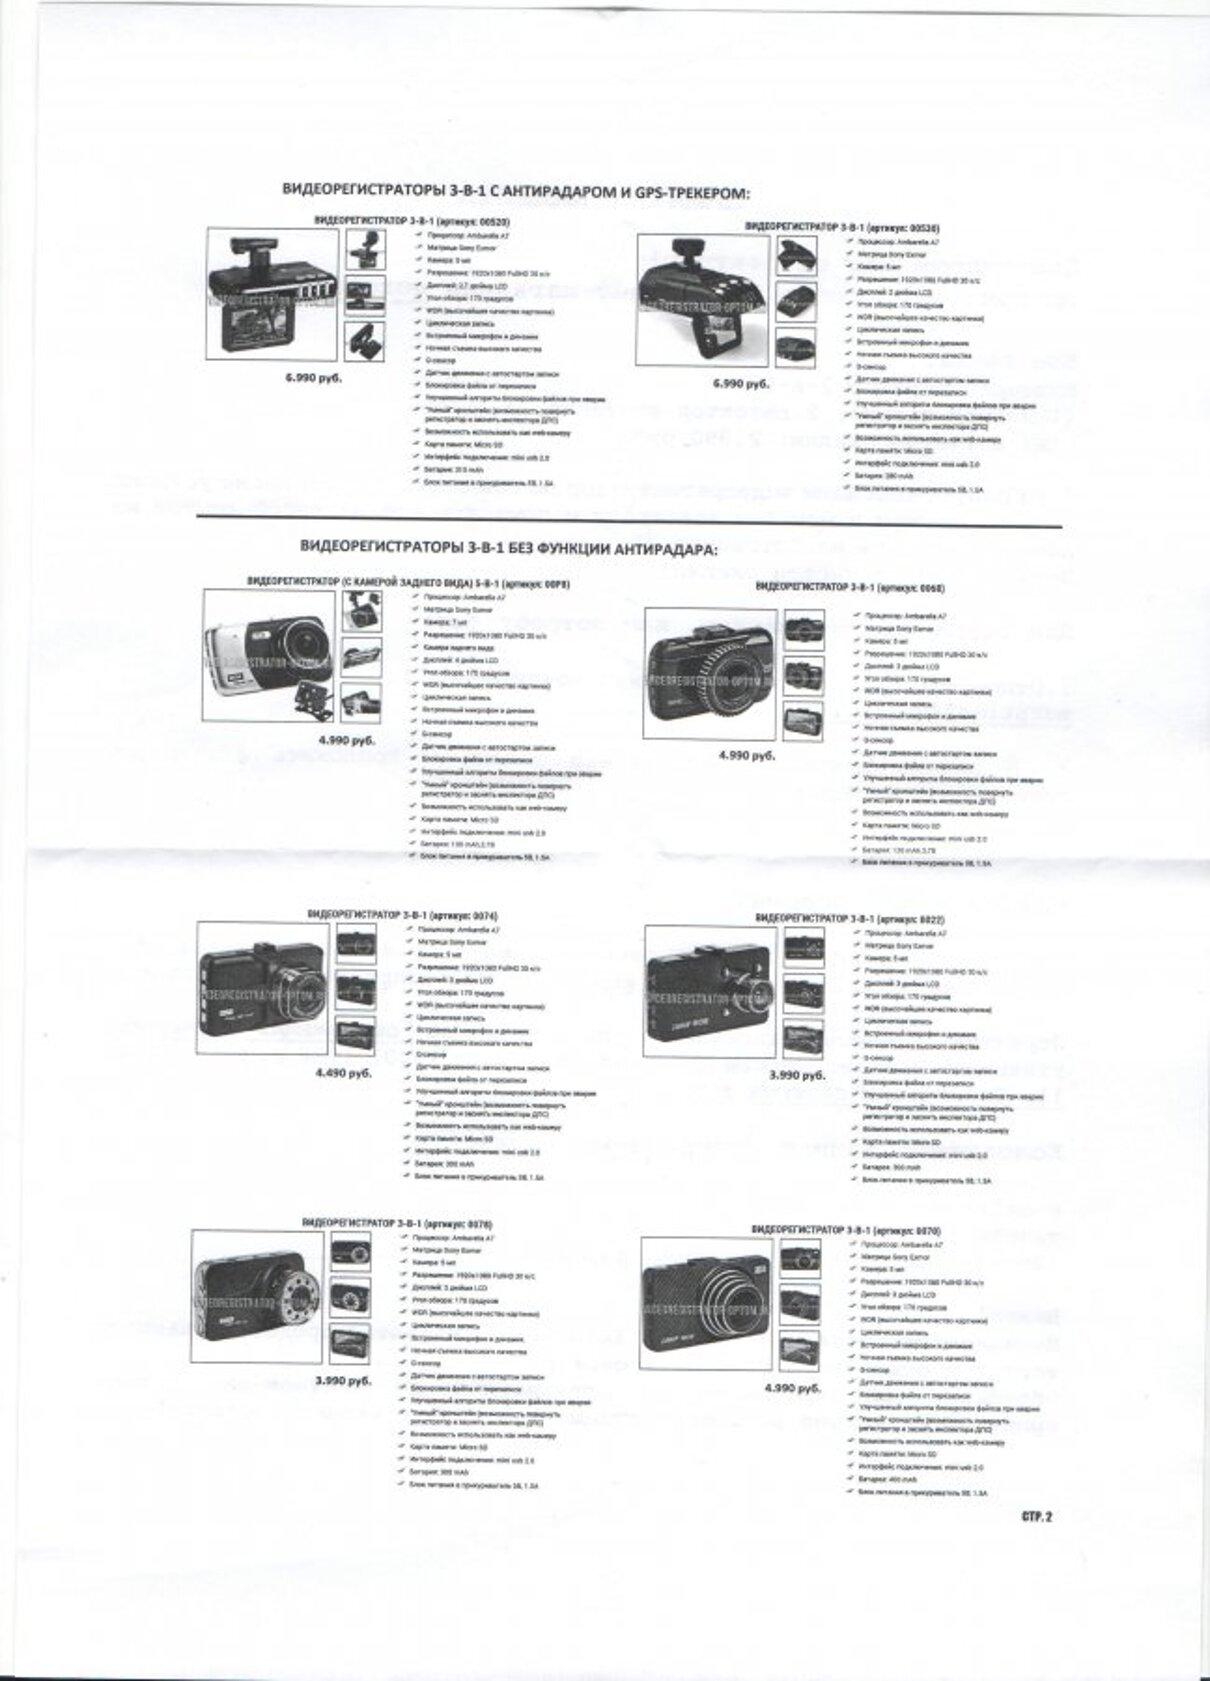 Жалоба-отзыв: Интернет магазин Eurotime24 - Поставка товара, не соответствующего заказанному.  Фото №4